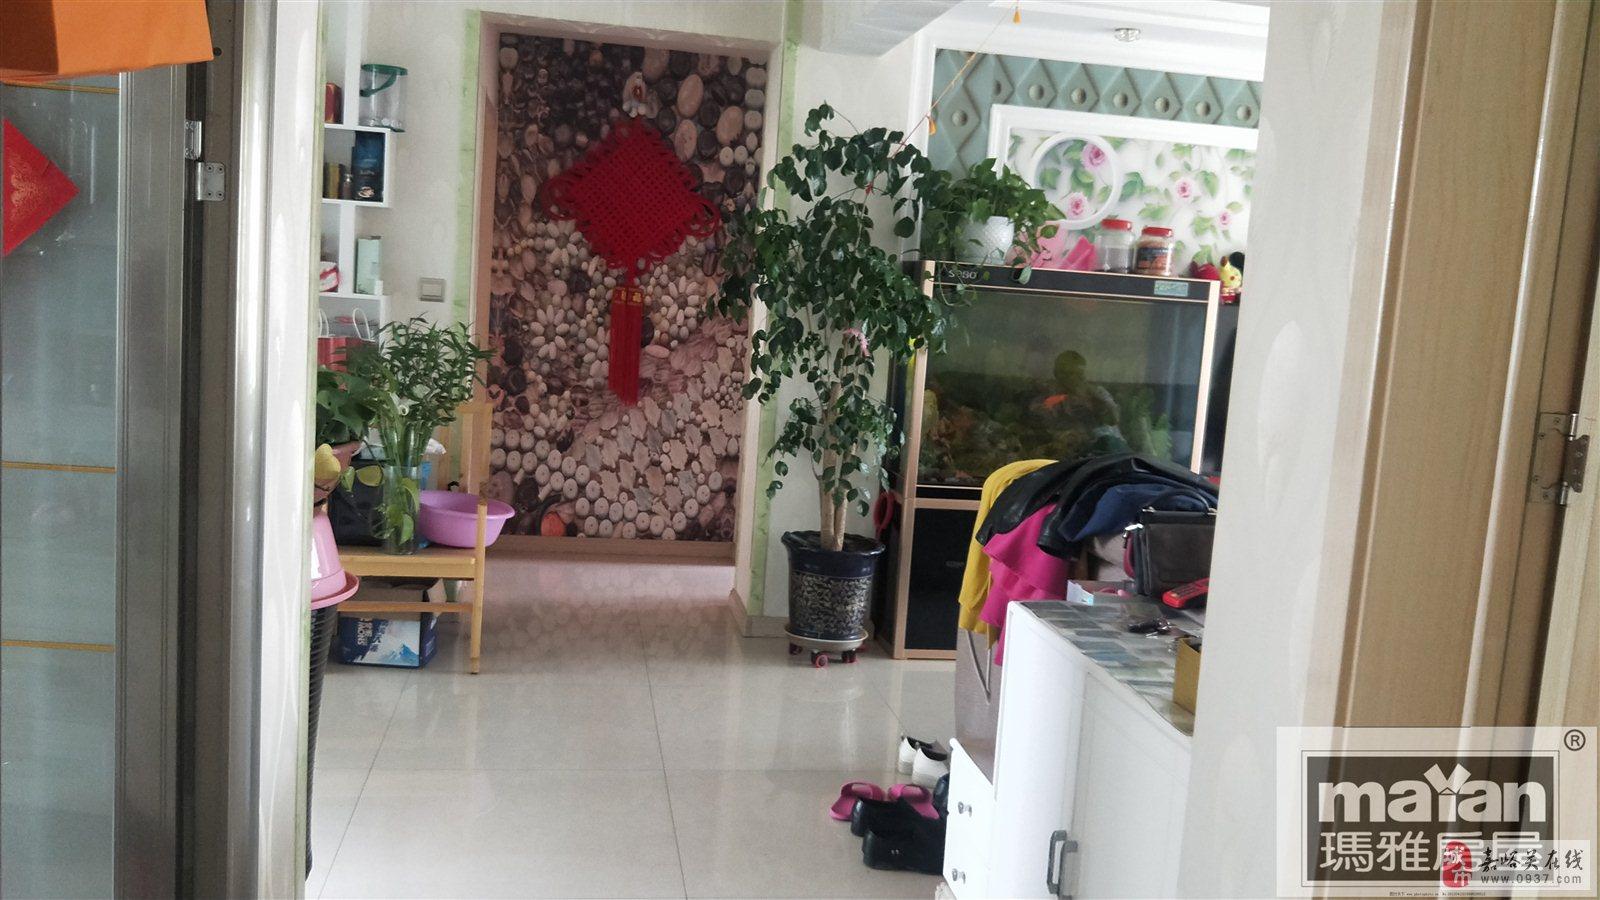 【玛雅房屋推荐】御景湖畔3室2厅1卫51万元